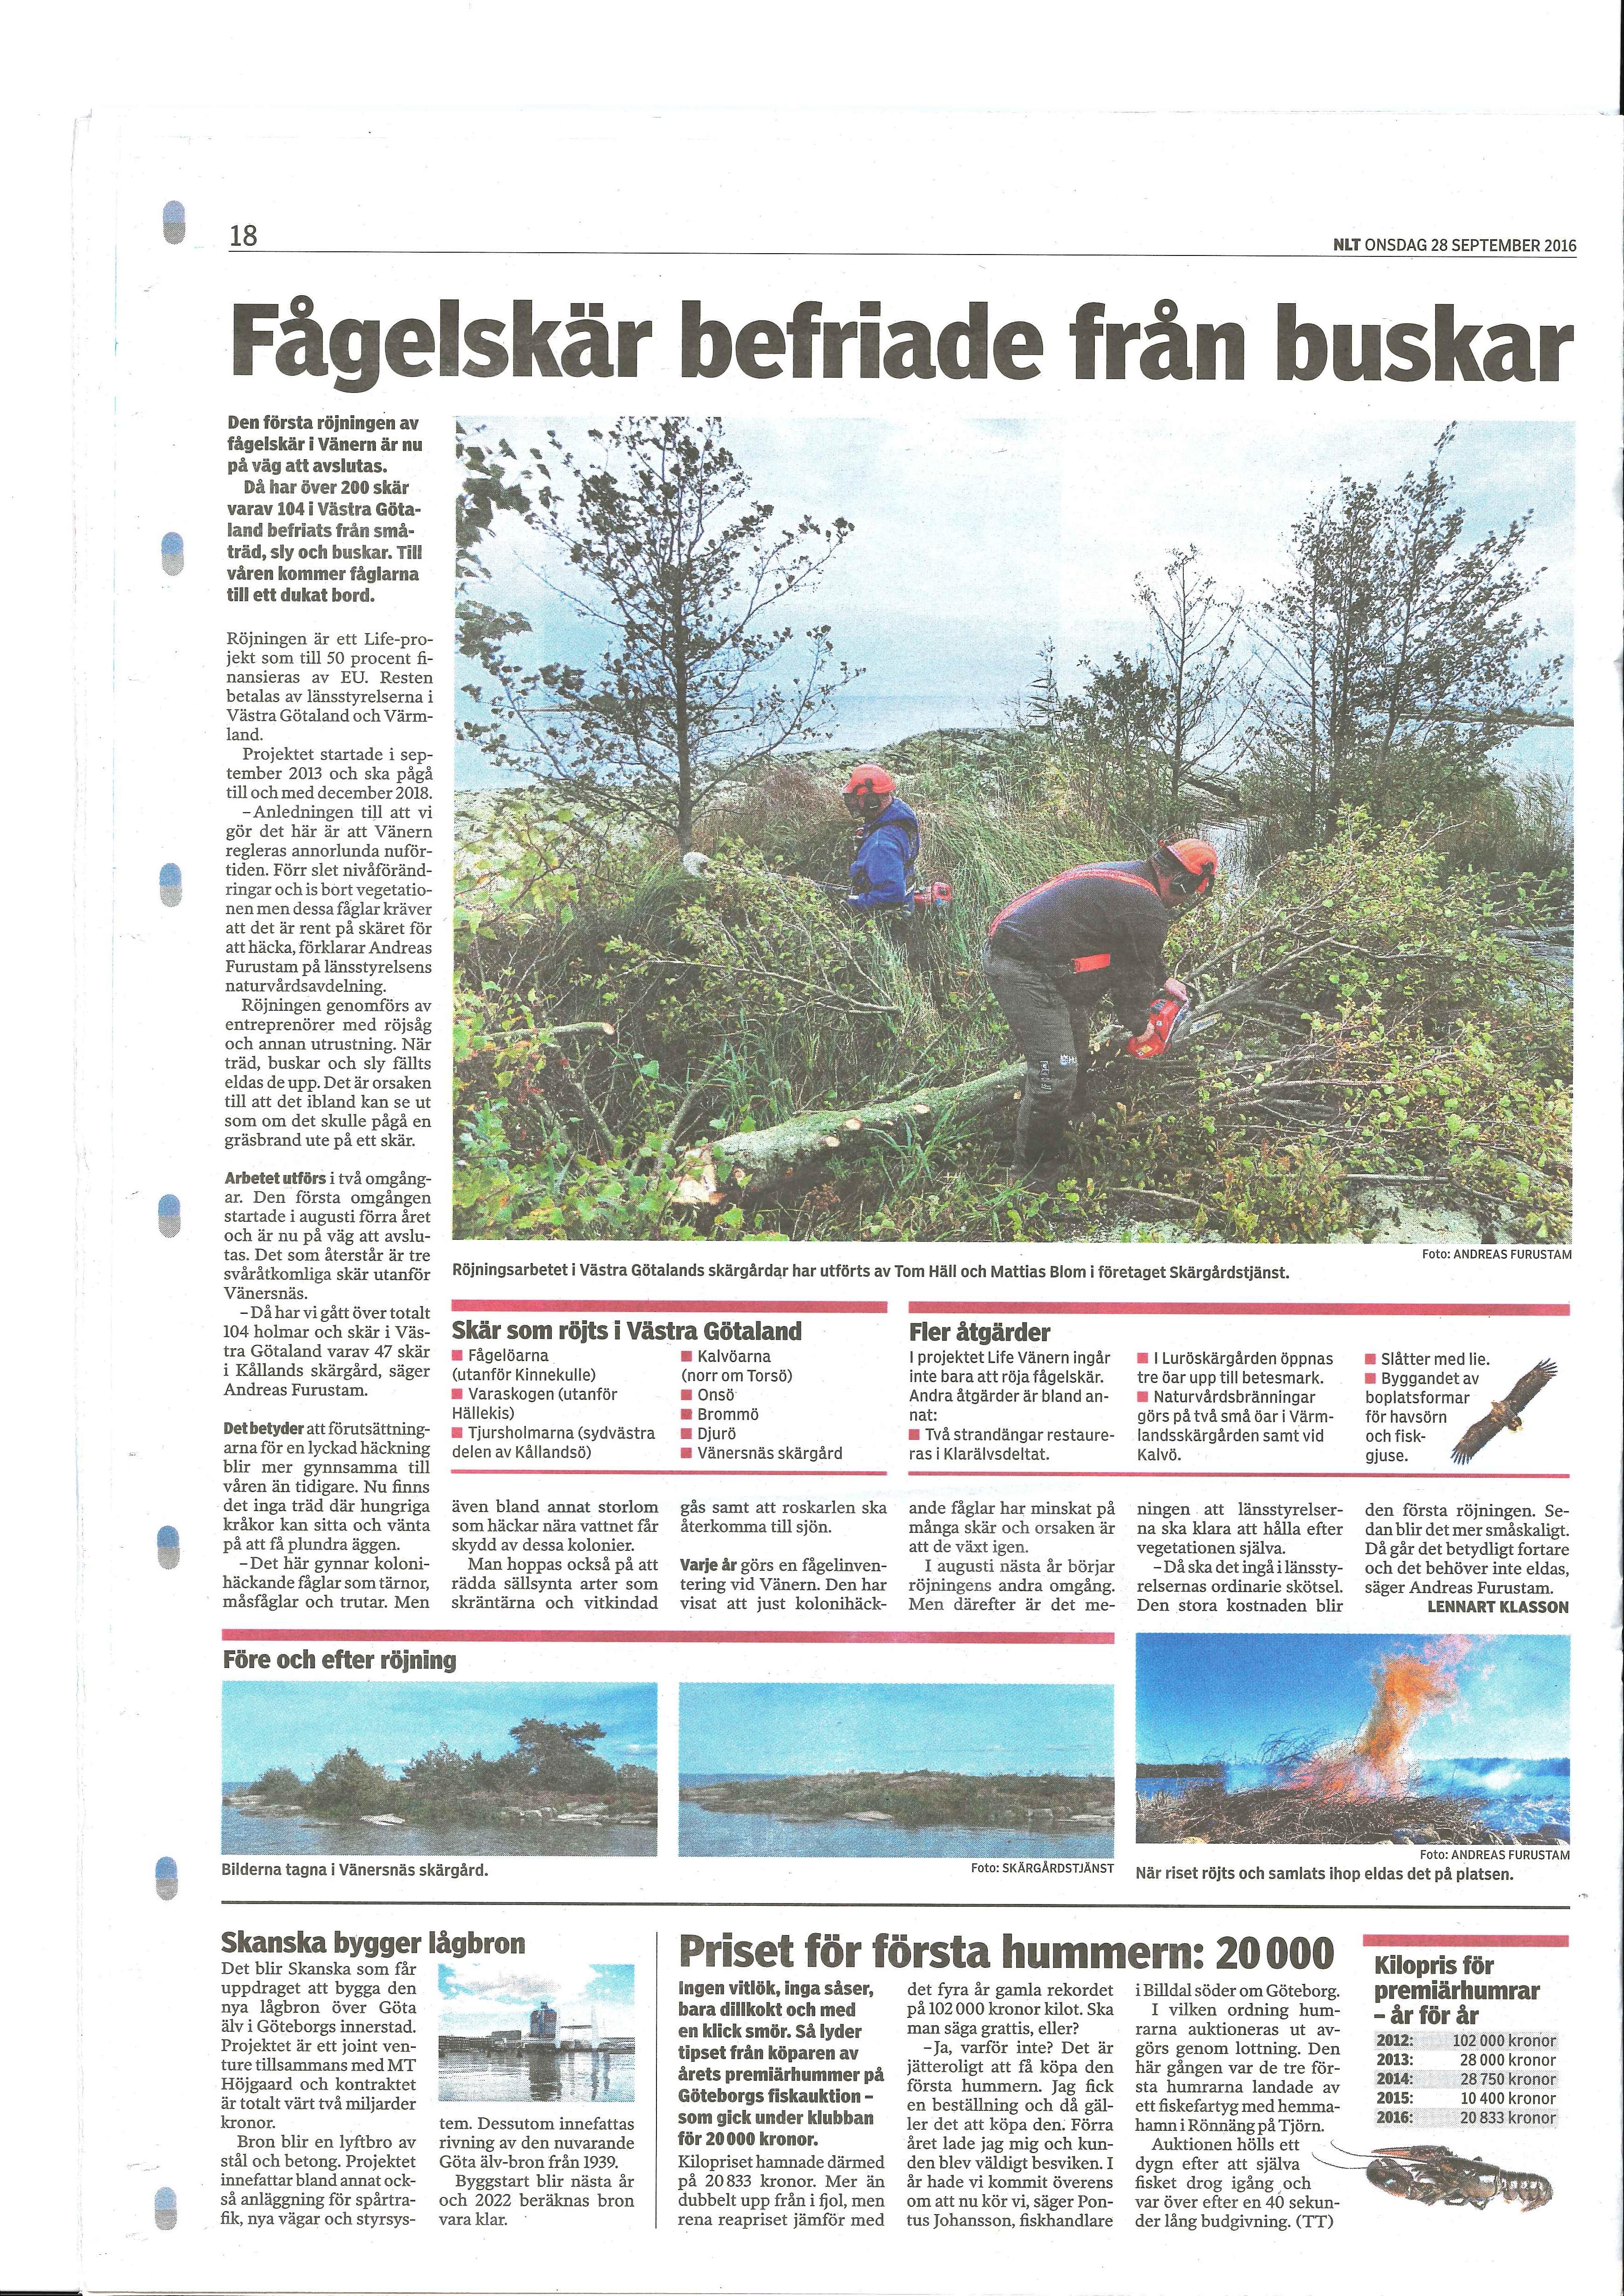 Artikel i Nya Lidköpings-Tidningen 2016-09-28